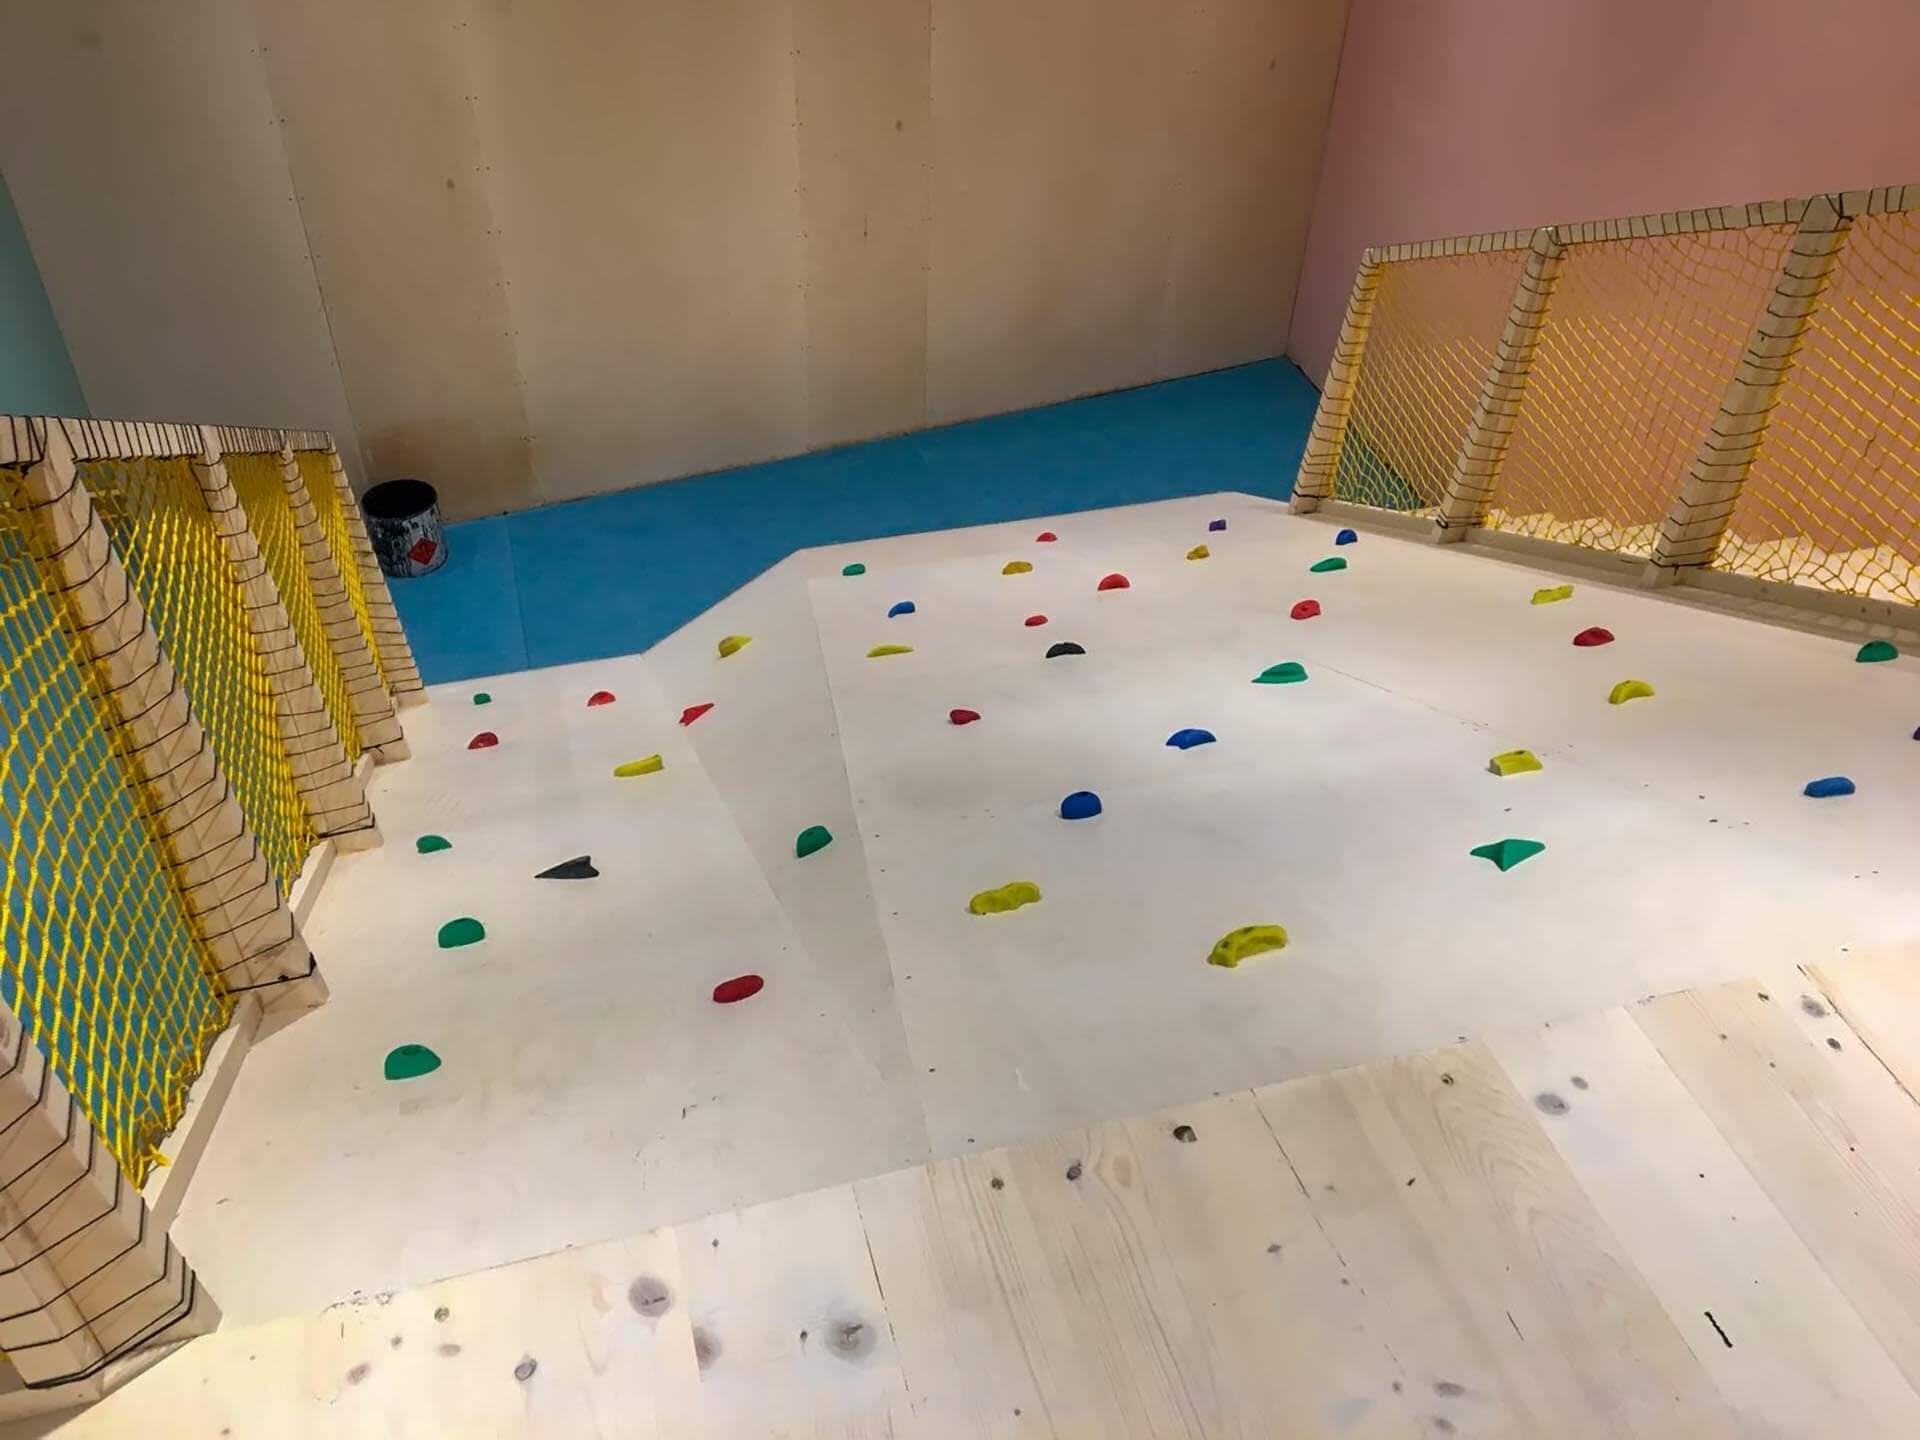 Beylikdüzü Kültür Merkezi Çocuk Oyun Alanı